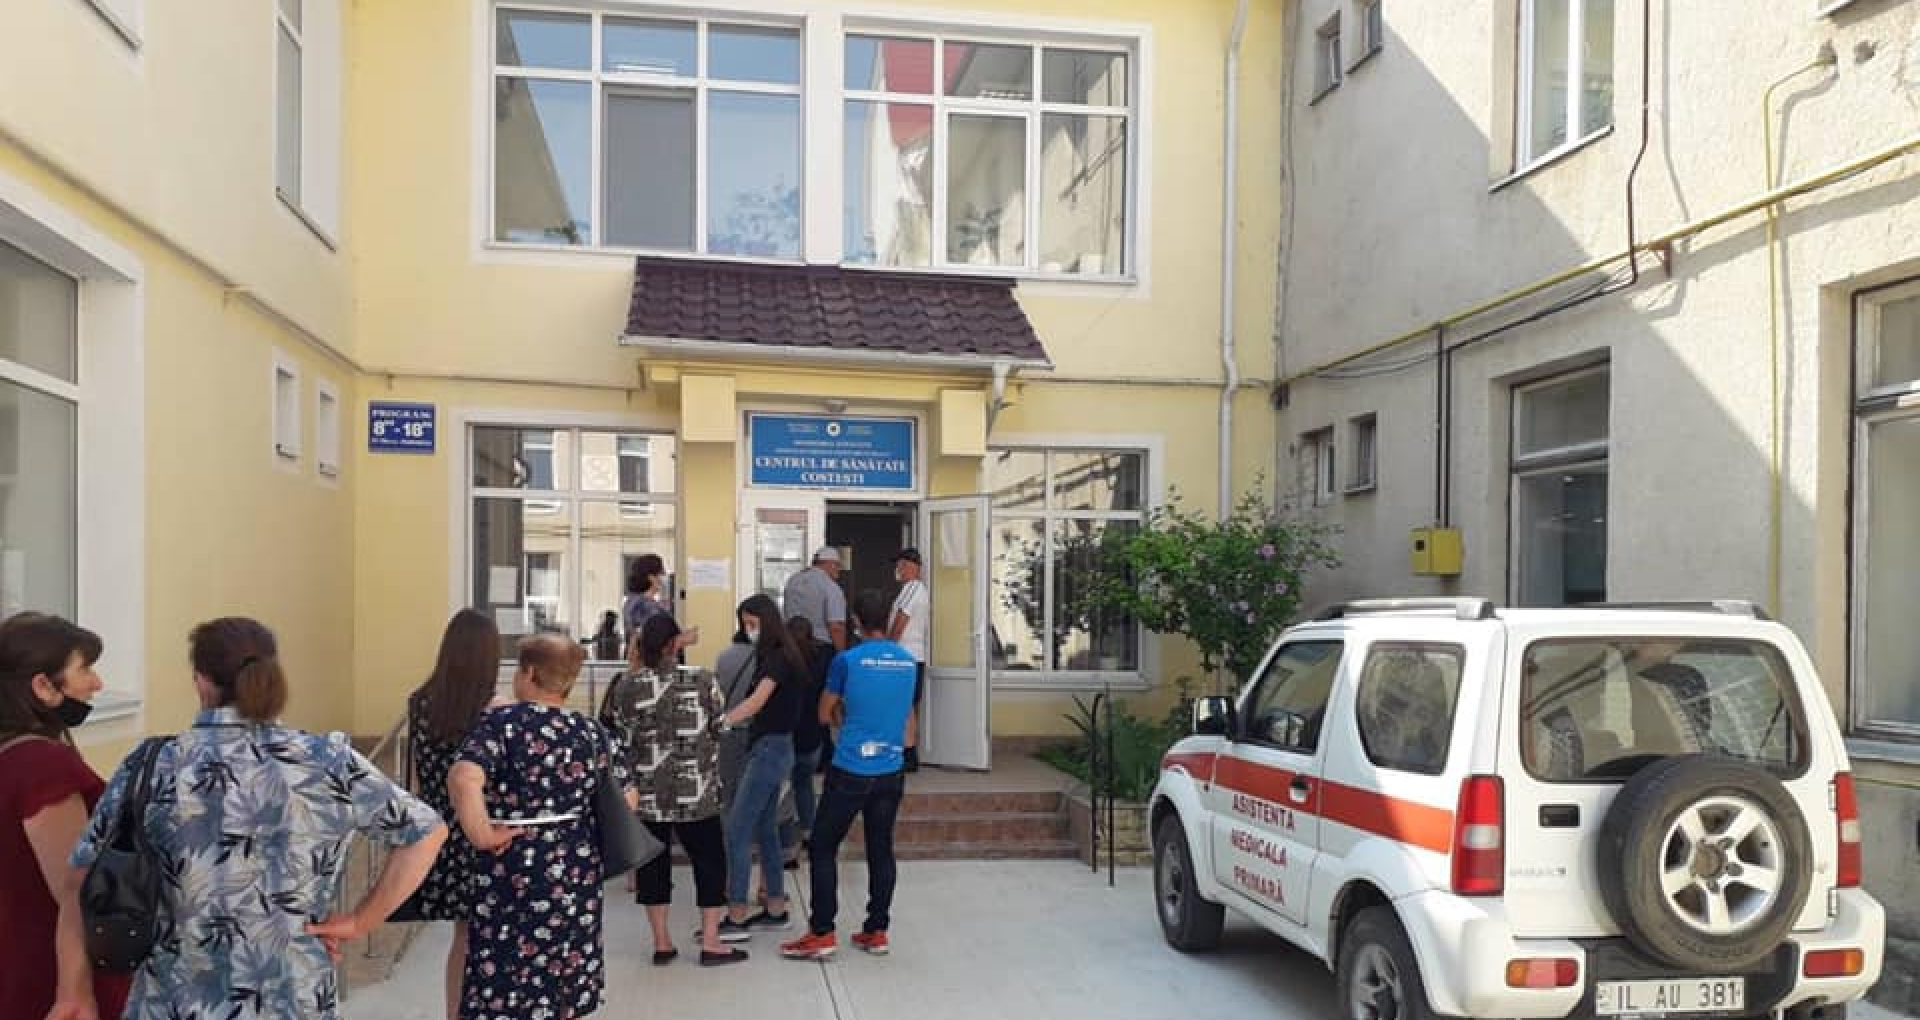 Aproape patru mii de cetățeni s-au imunizat împotriva COVID-19 în R. Moldova, în ultimele 24 de ore